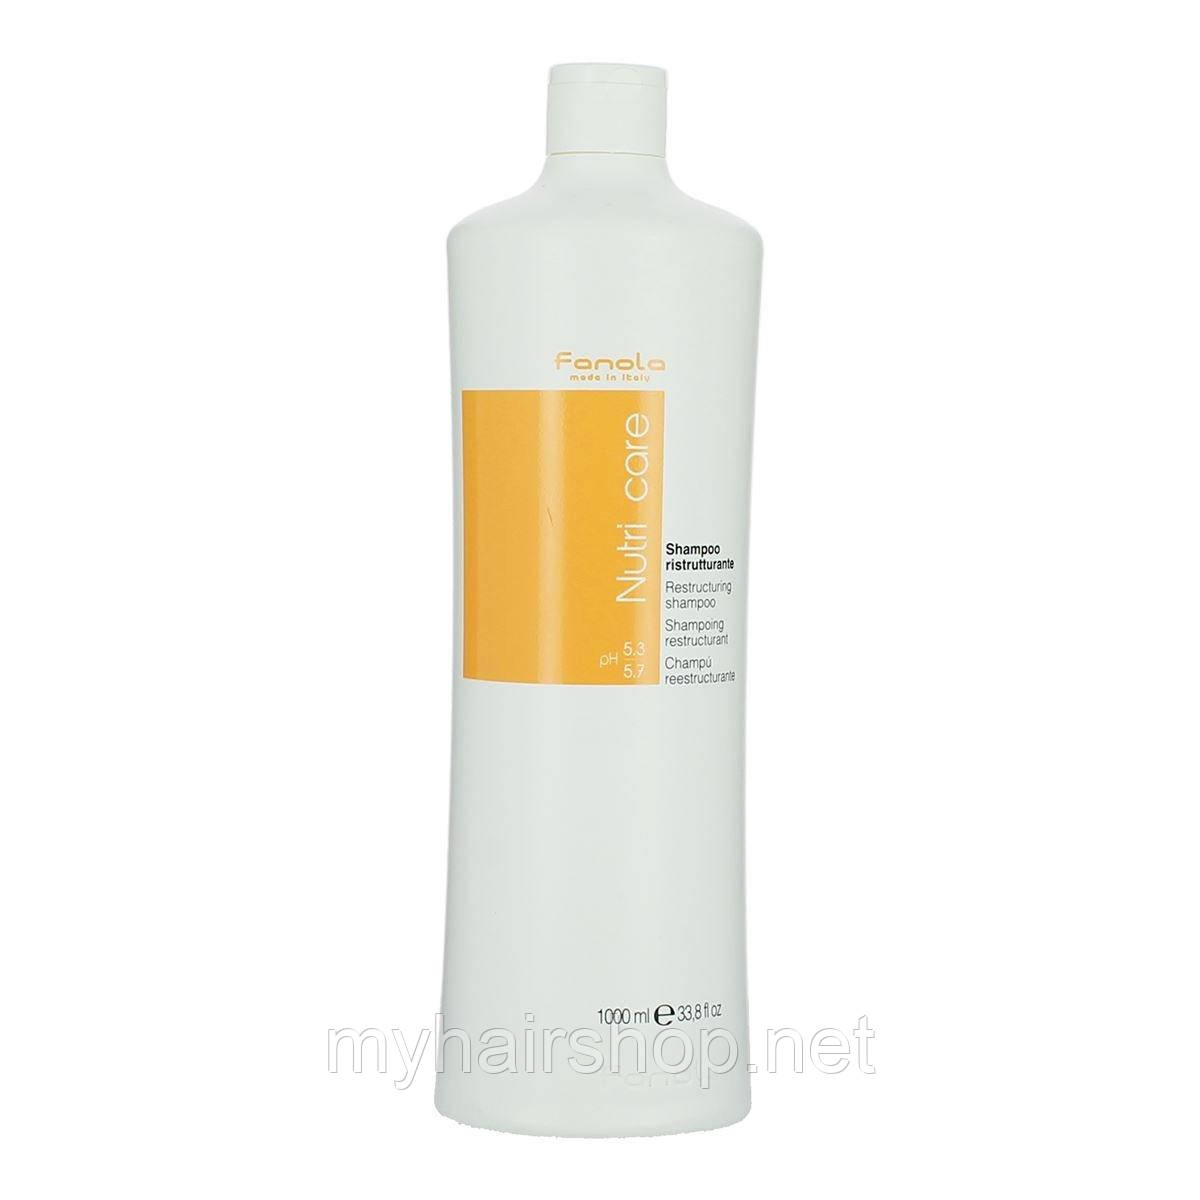 Шампунь для сухих волос реструктуризирующий FANOLA Nutri Care Restructuring Shampoo 1000 мл